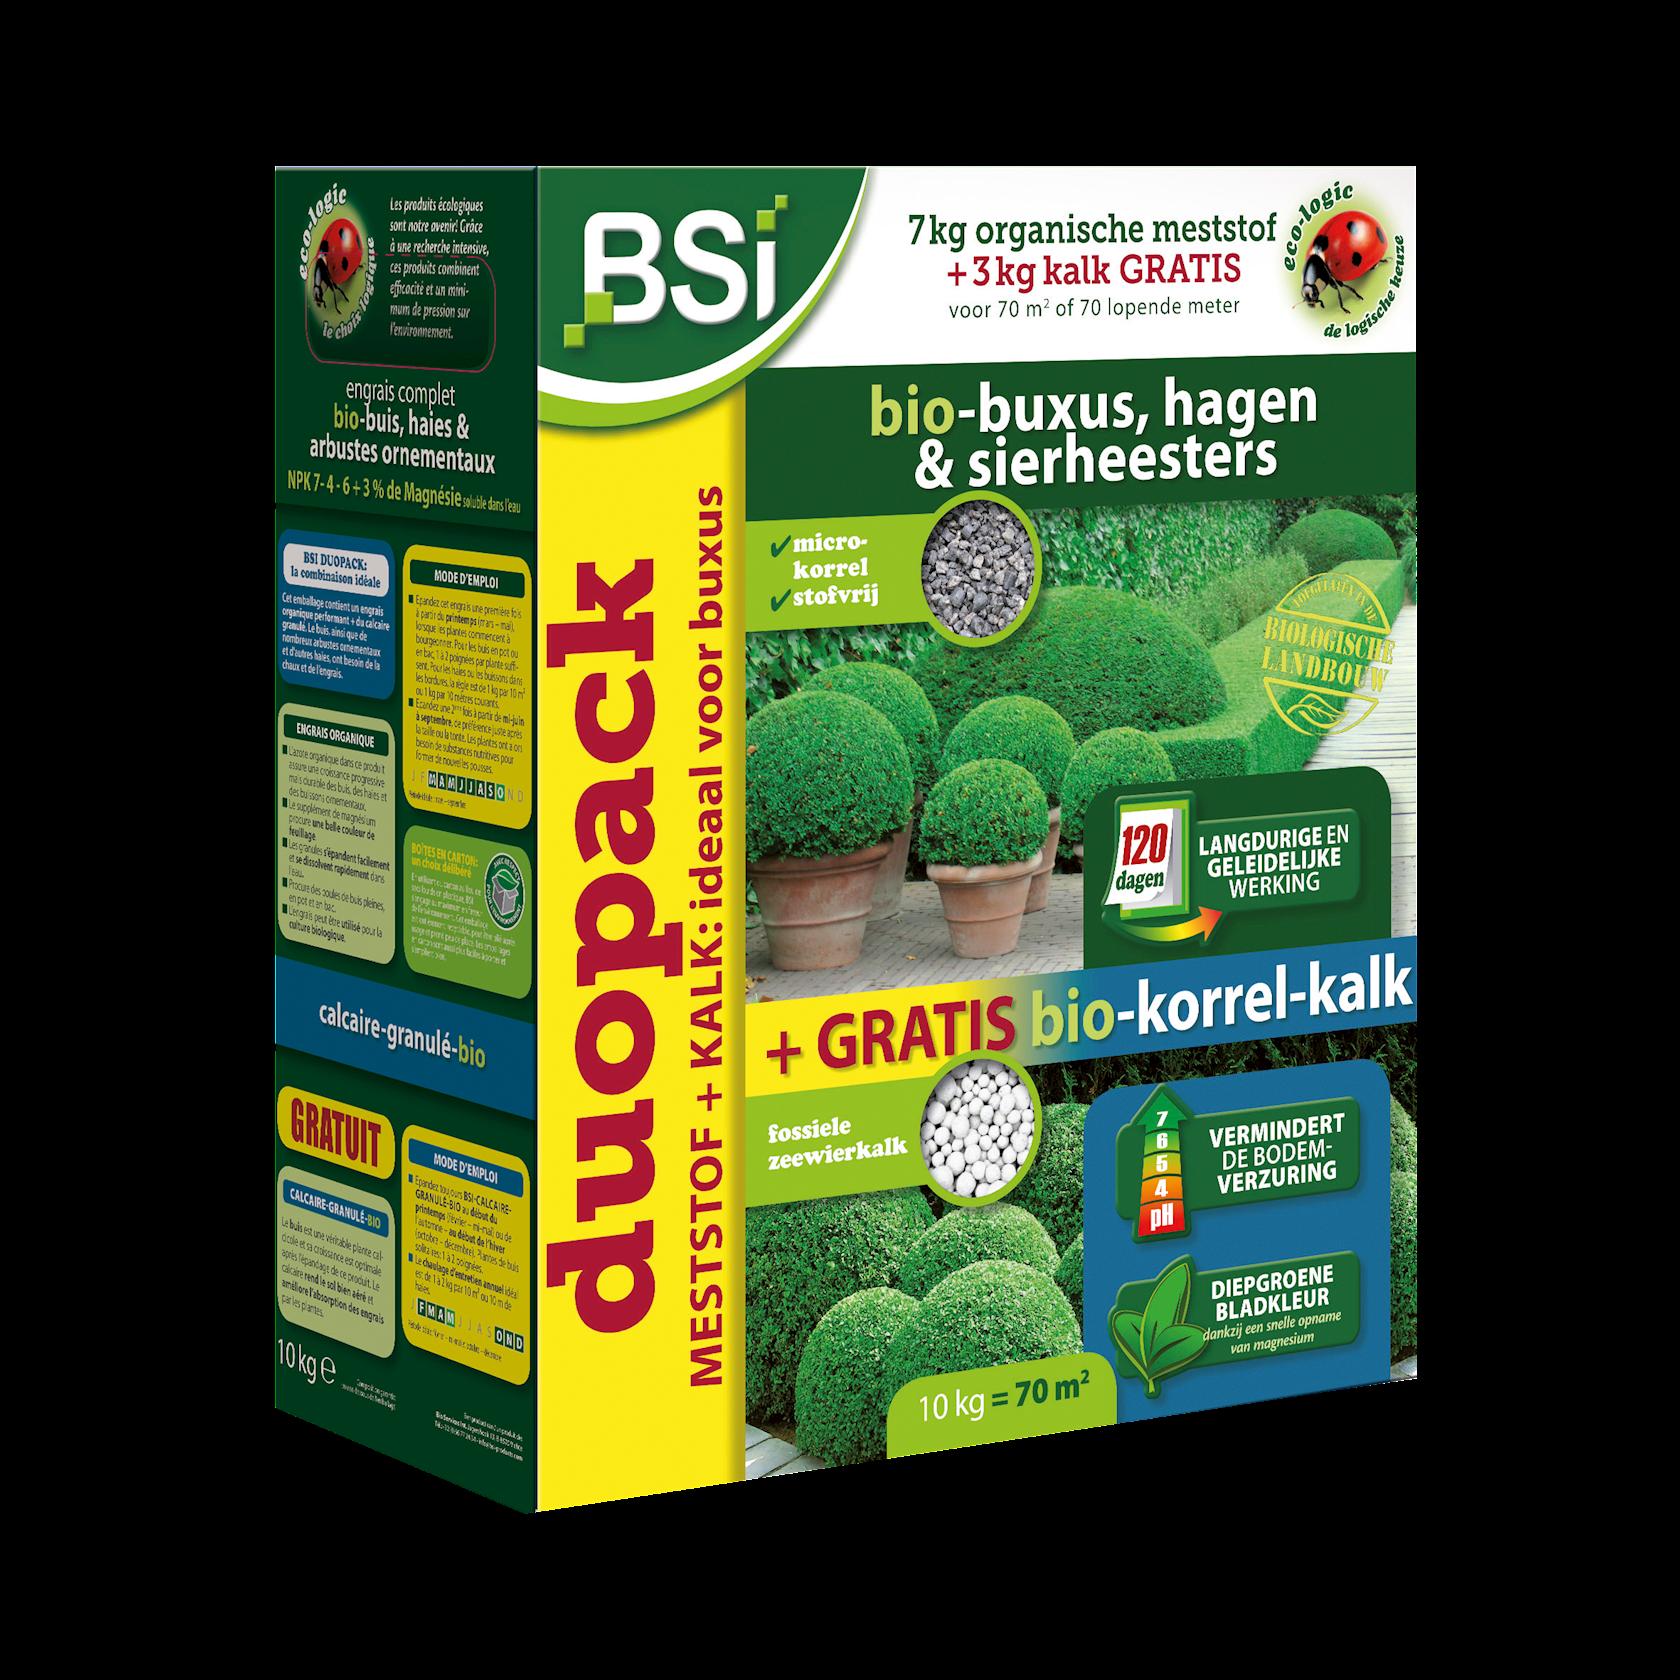 Buxus-hagen-en-sierheesters-bio-meststof-7kg-3kg-gratis-Bio-korrelkalk-voor-70m-